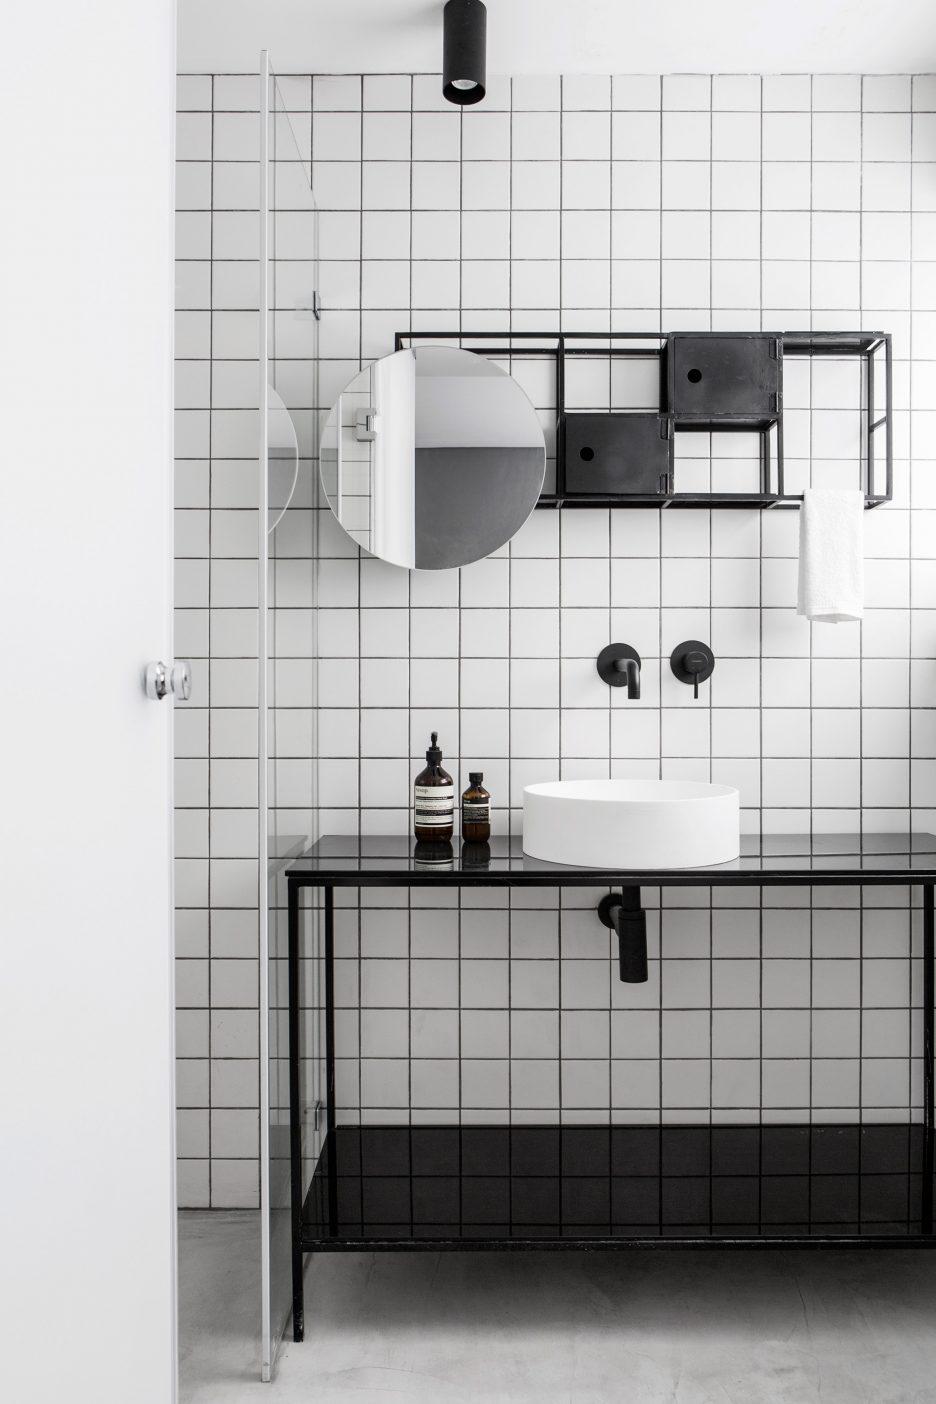 02-banheiro-preto-e-branco-com-espelheira-original